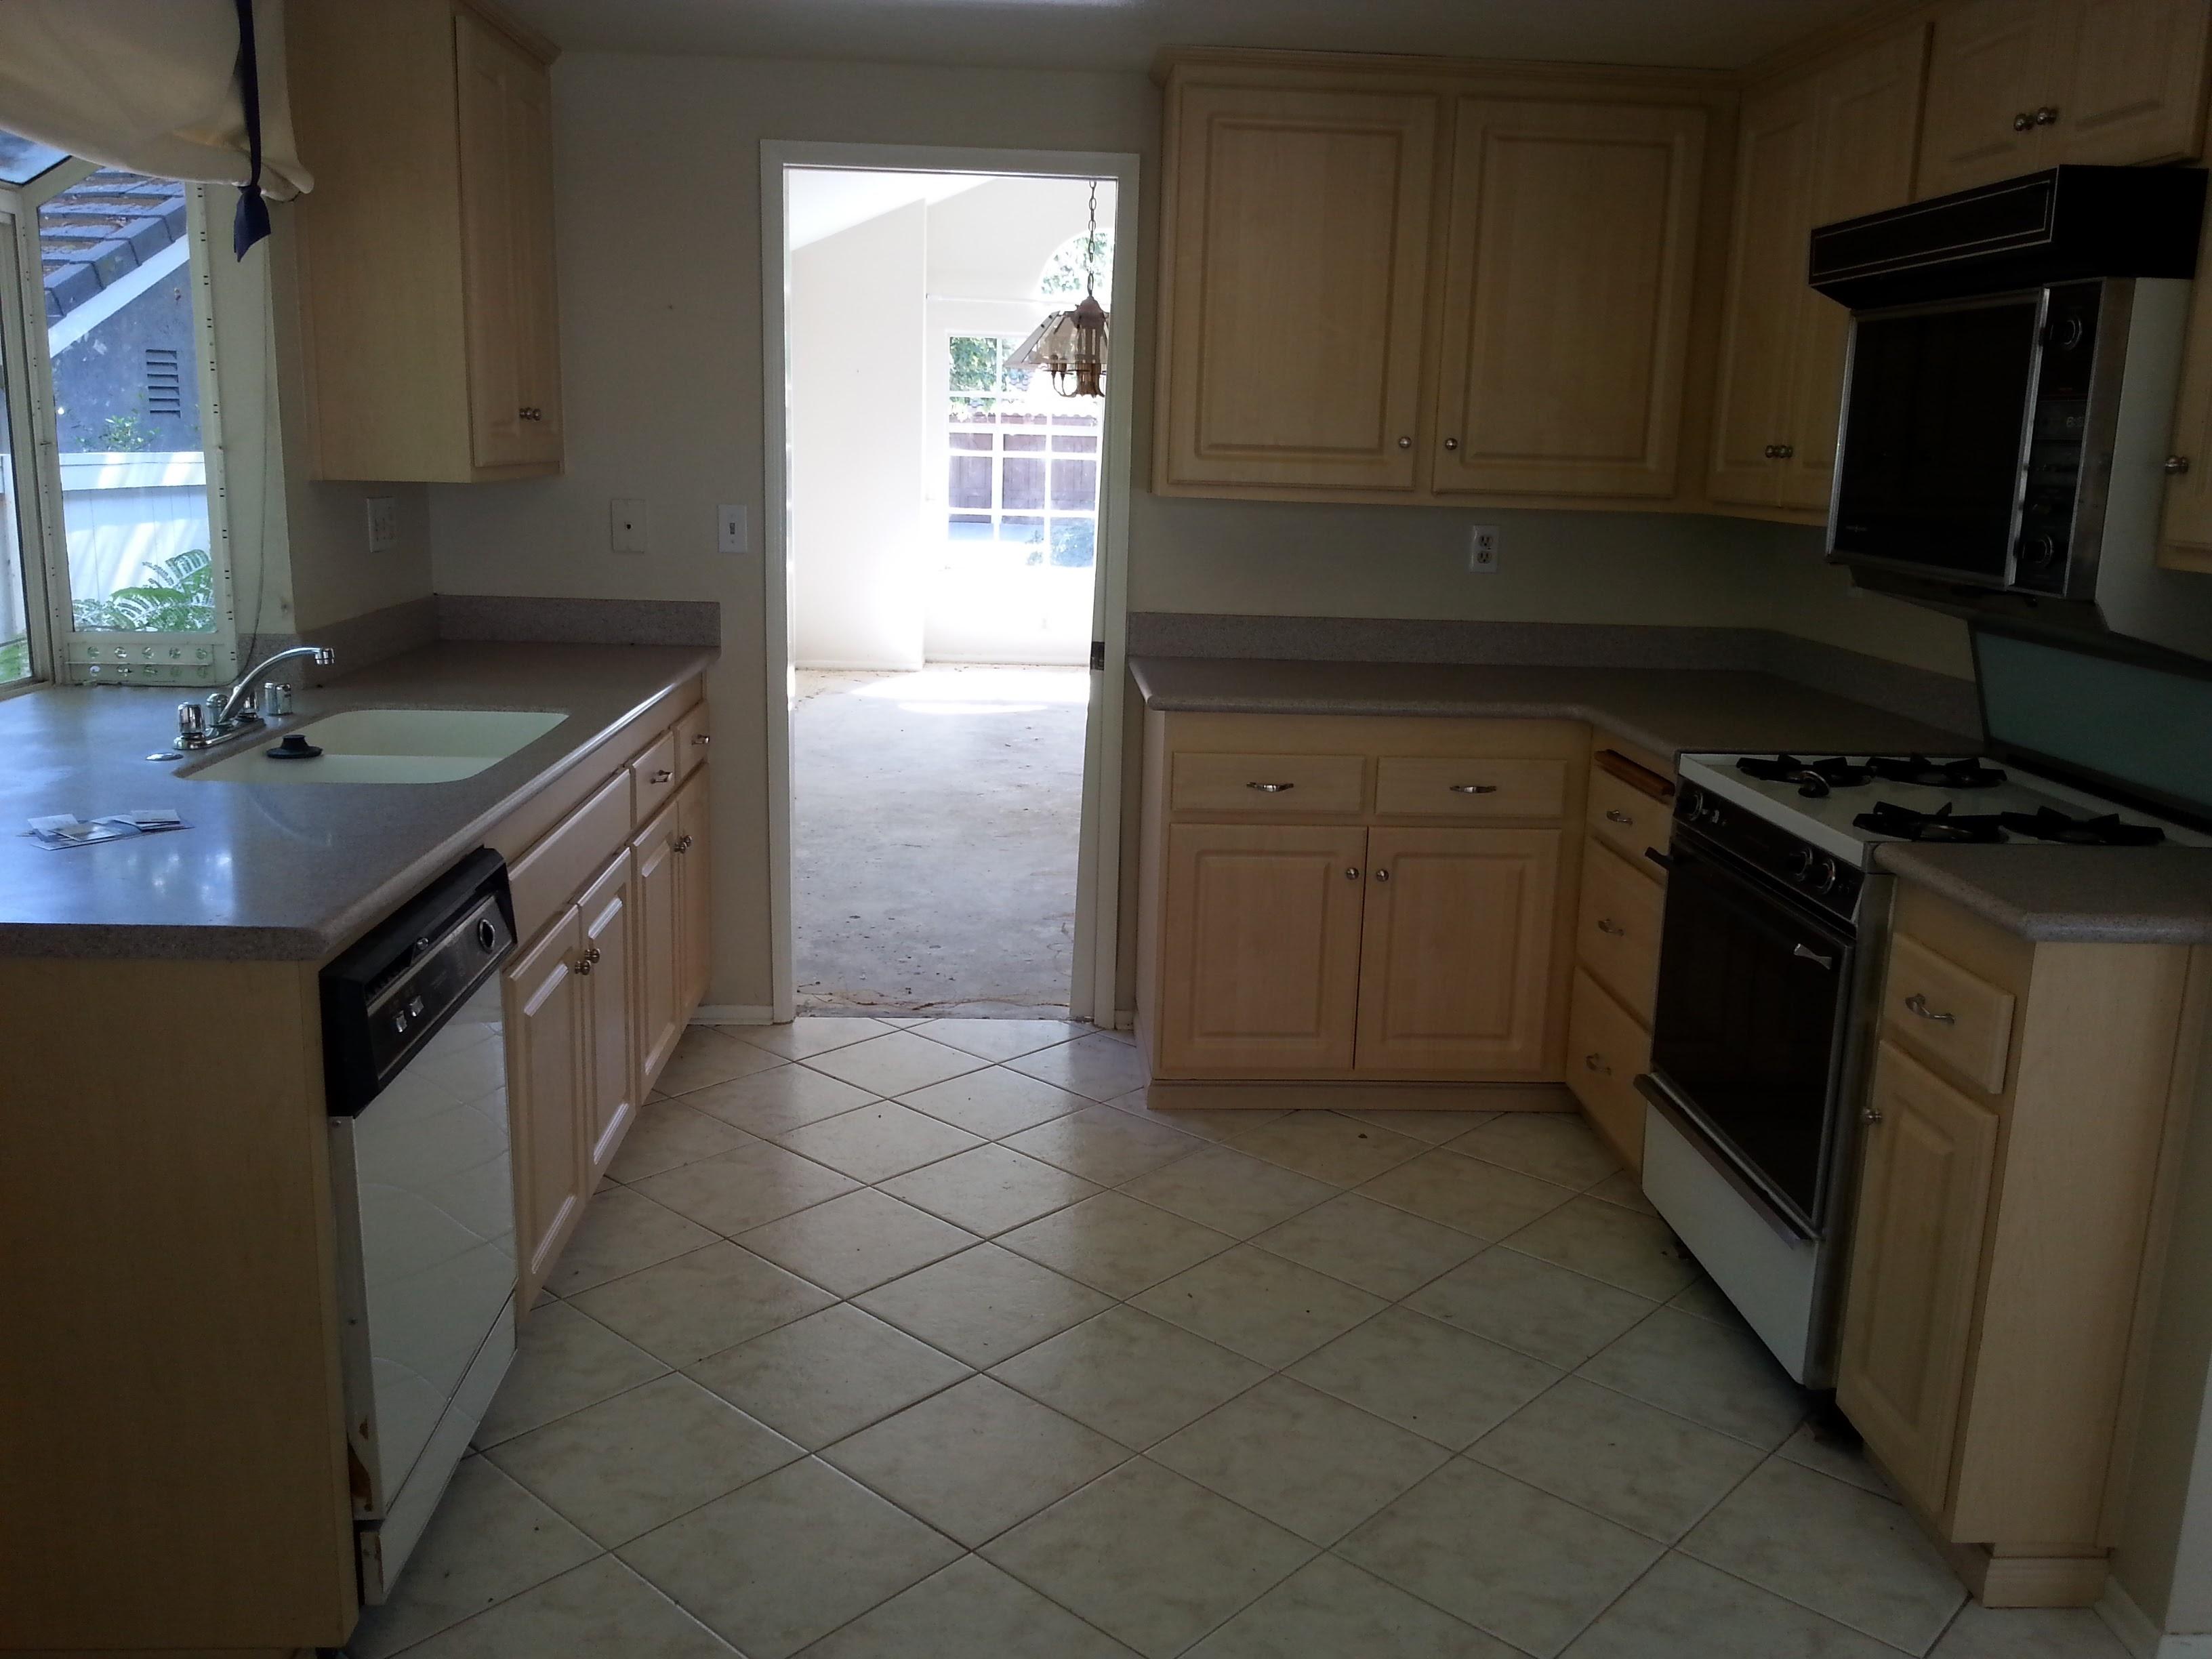 Rikkard kitchen before